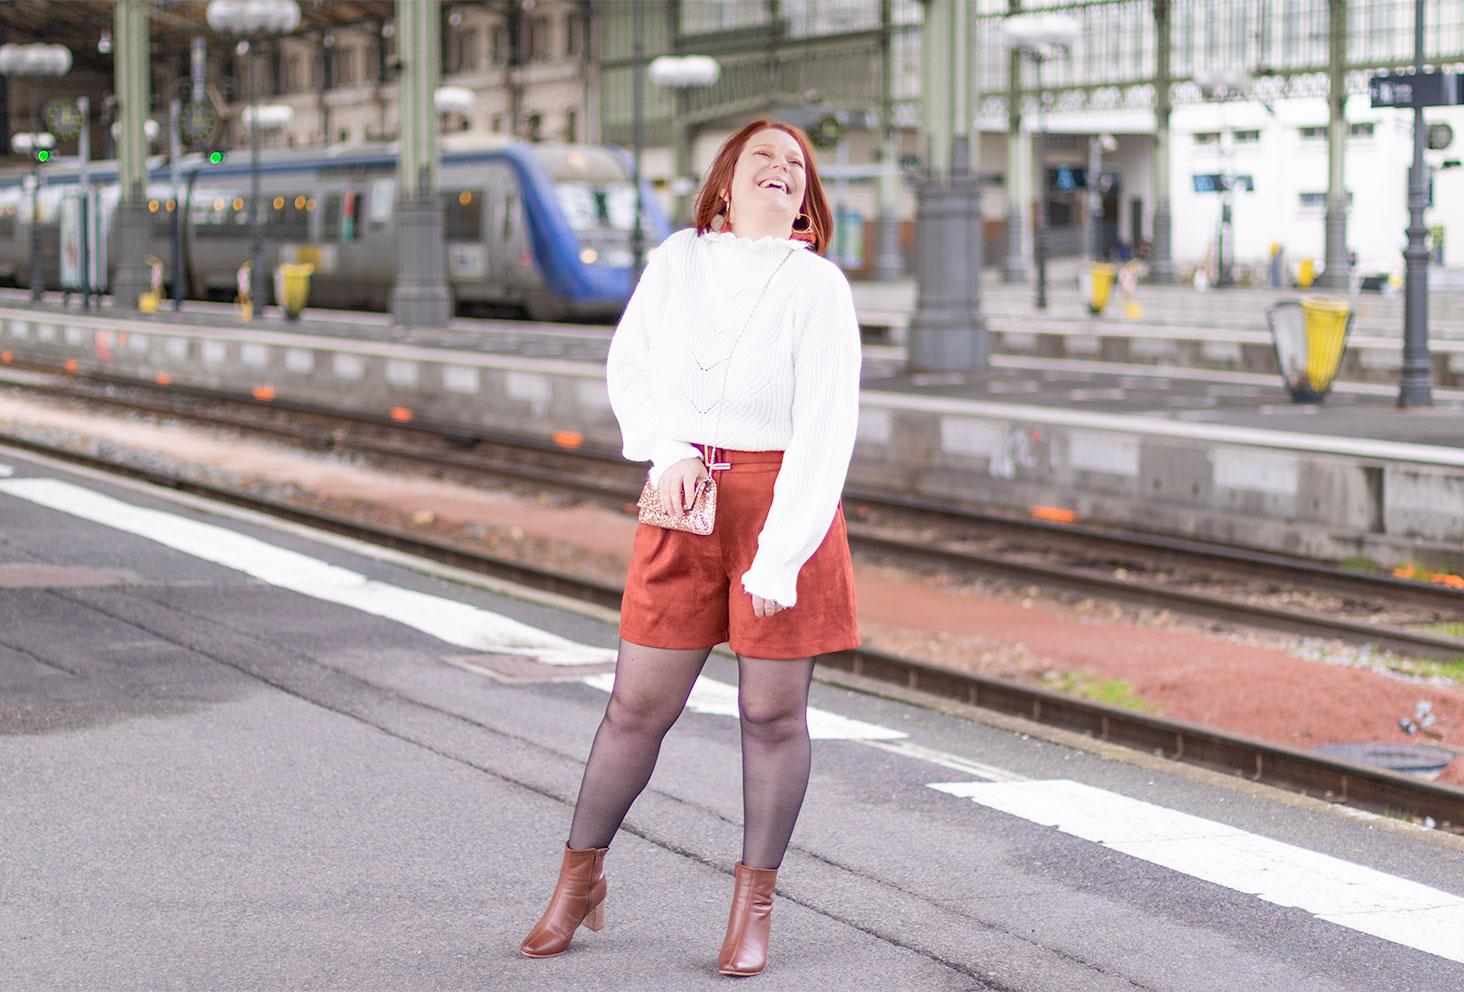 Au bord des quais de la gare, avec le sourire, en tenue de fêtes pour 2020